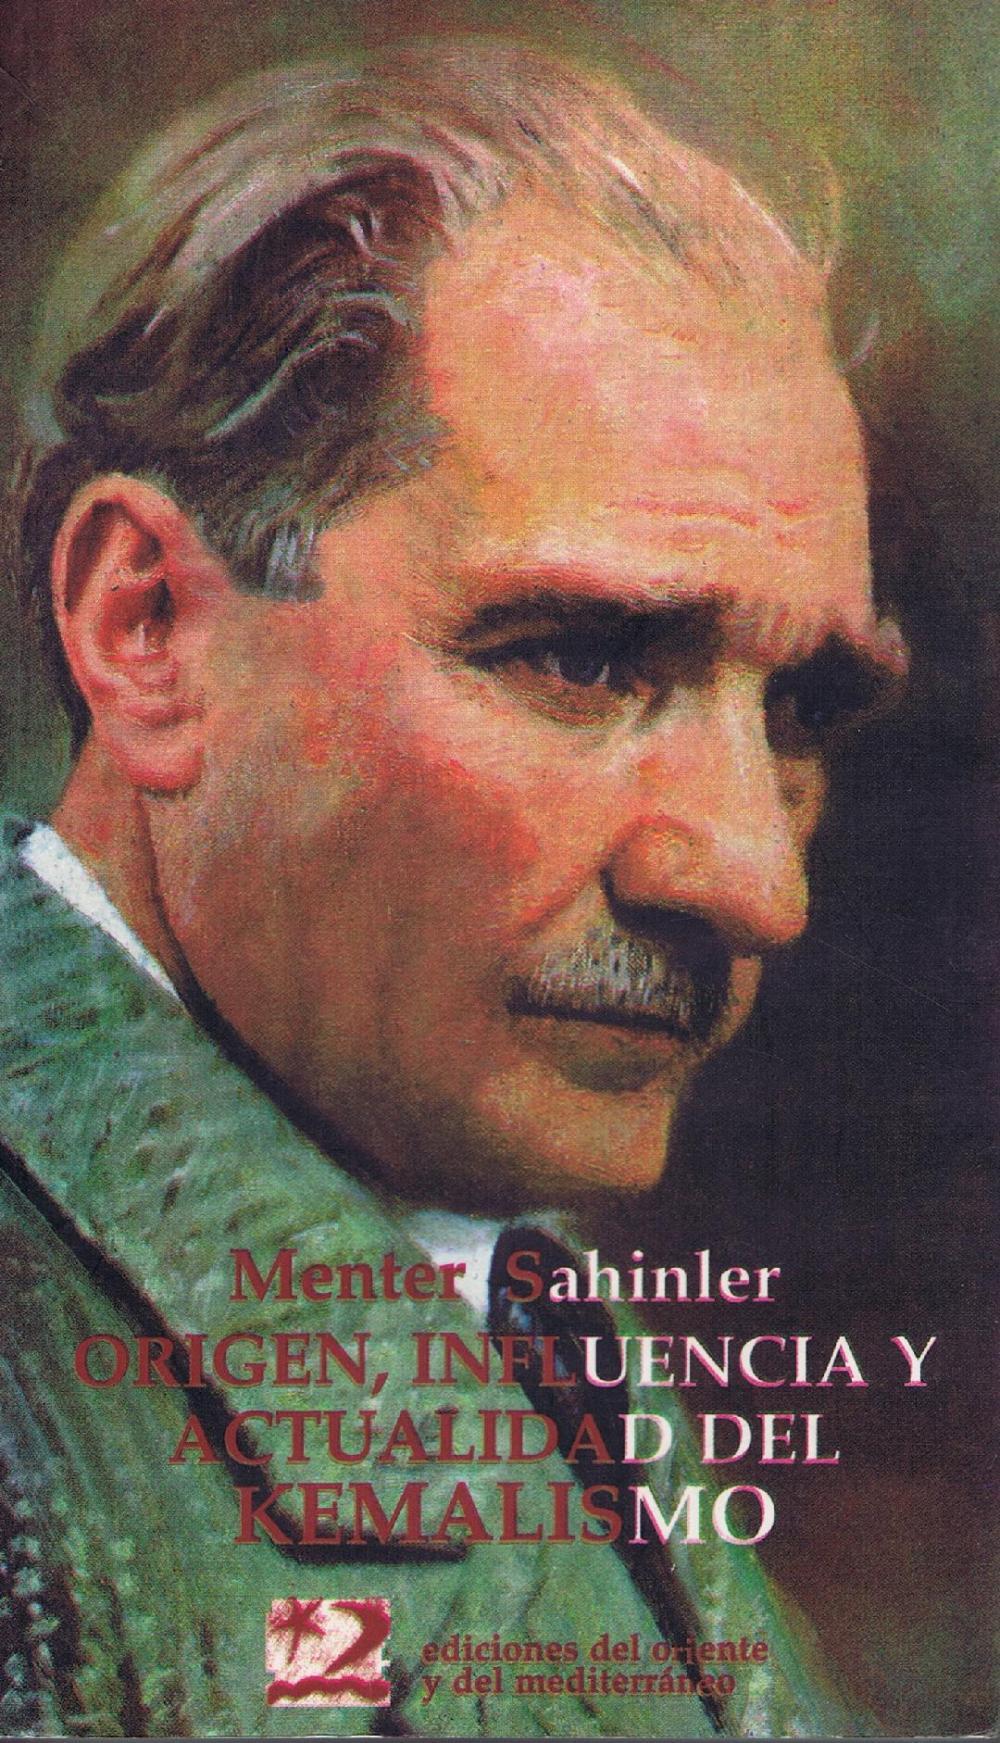 Origen, influencia y actualidad del kemalismo